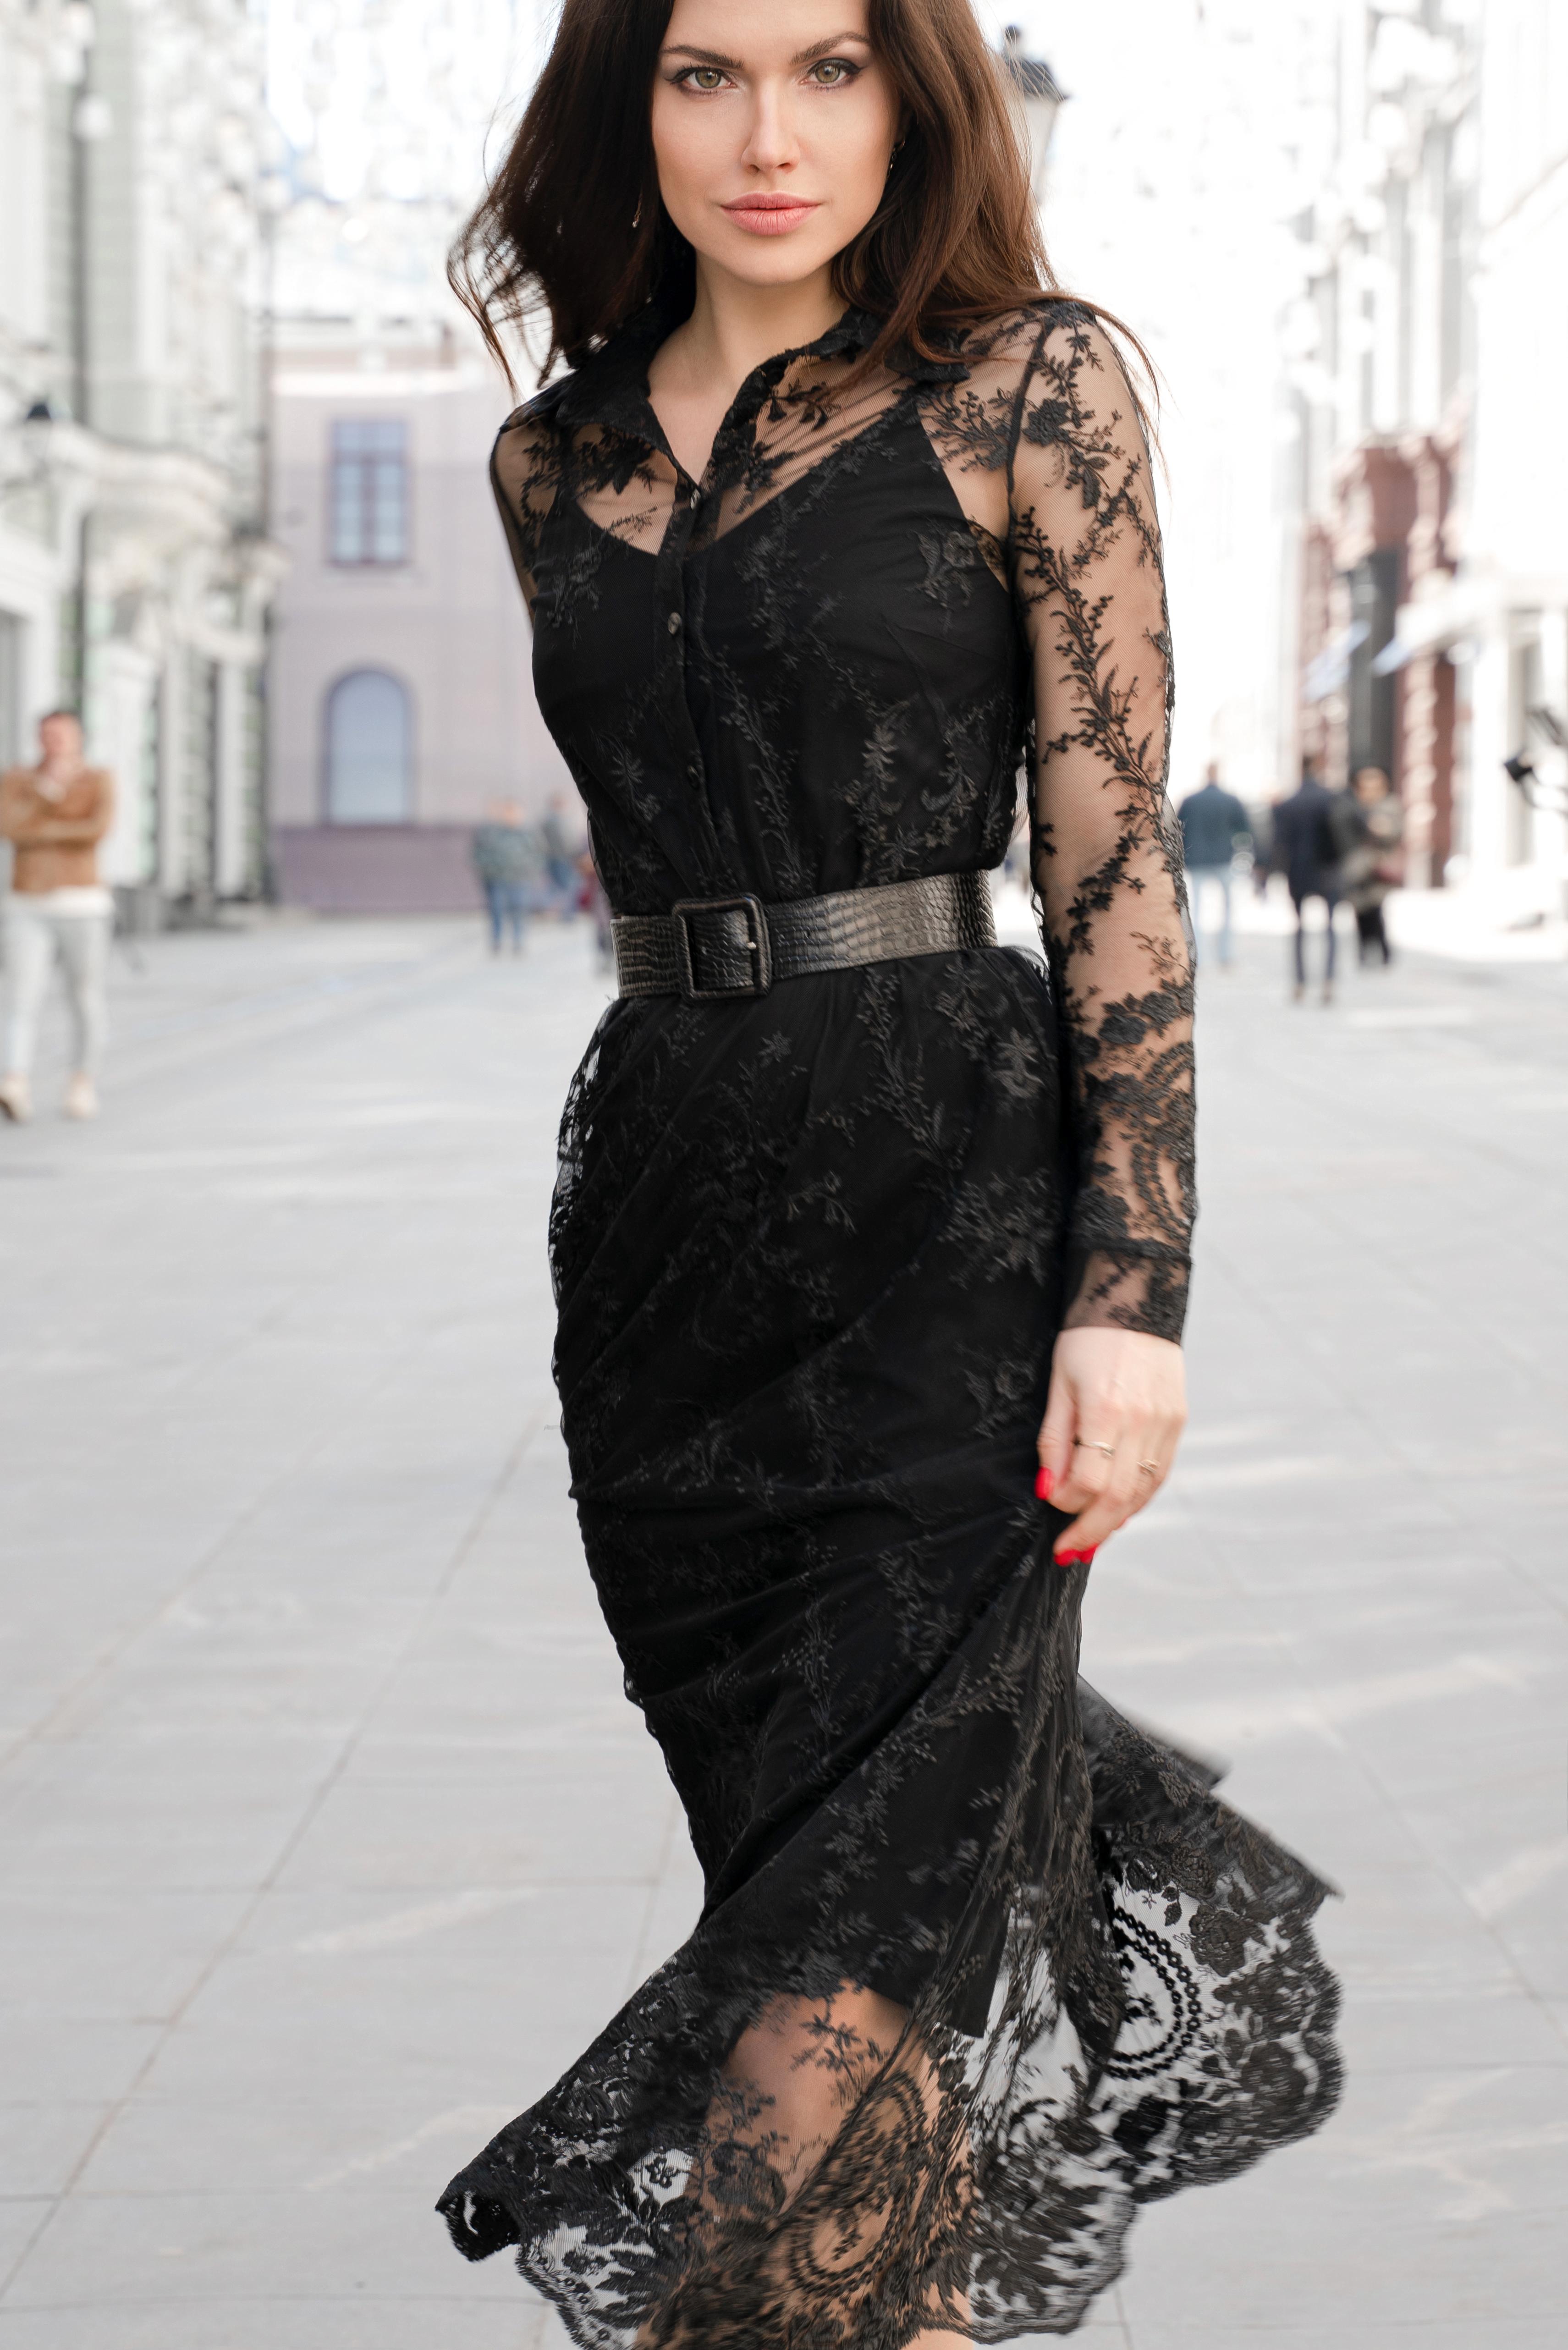 гипюровые платья картинки большинстве случаев некрасивые